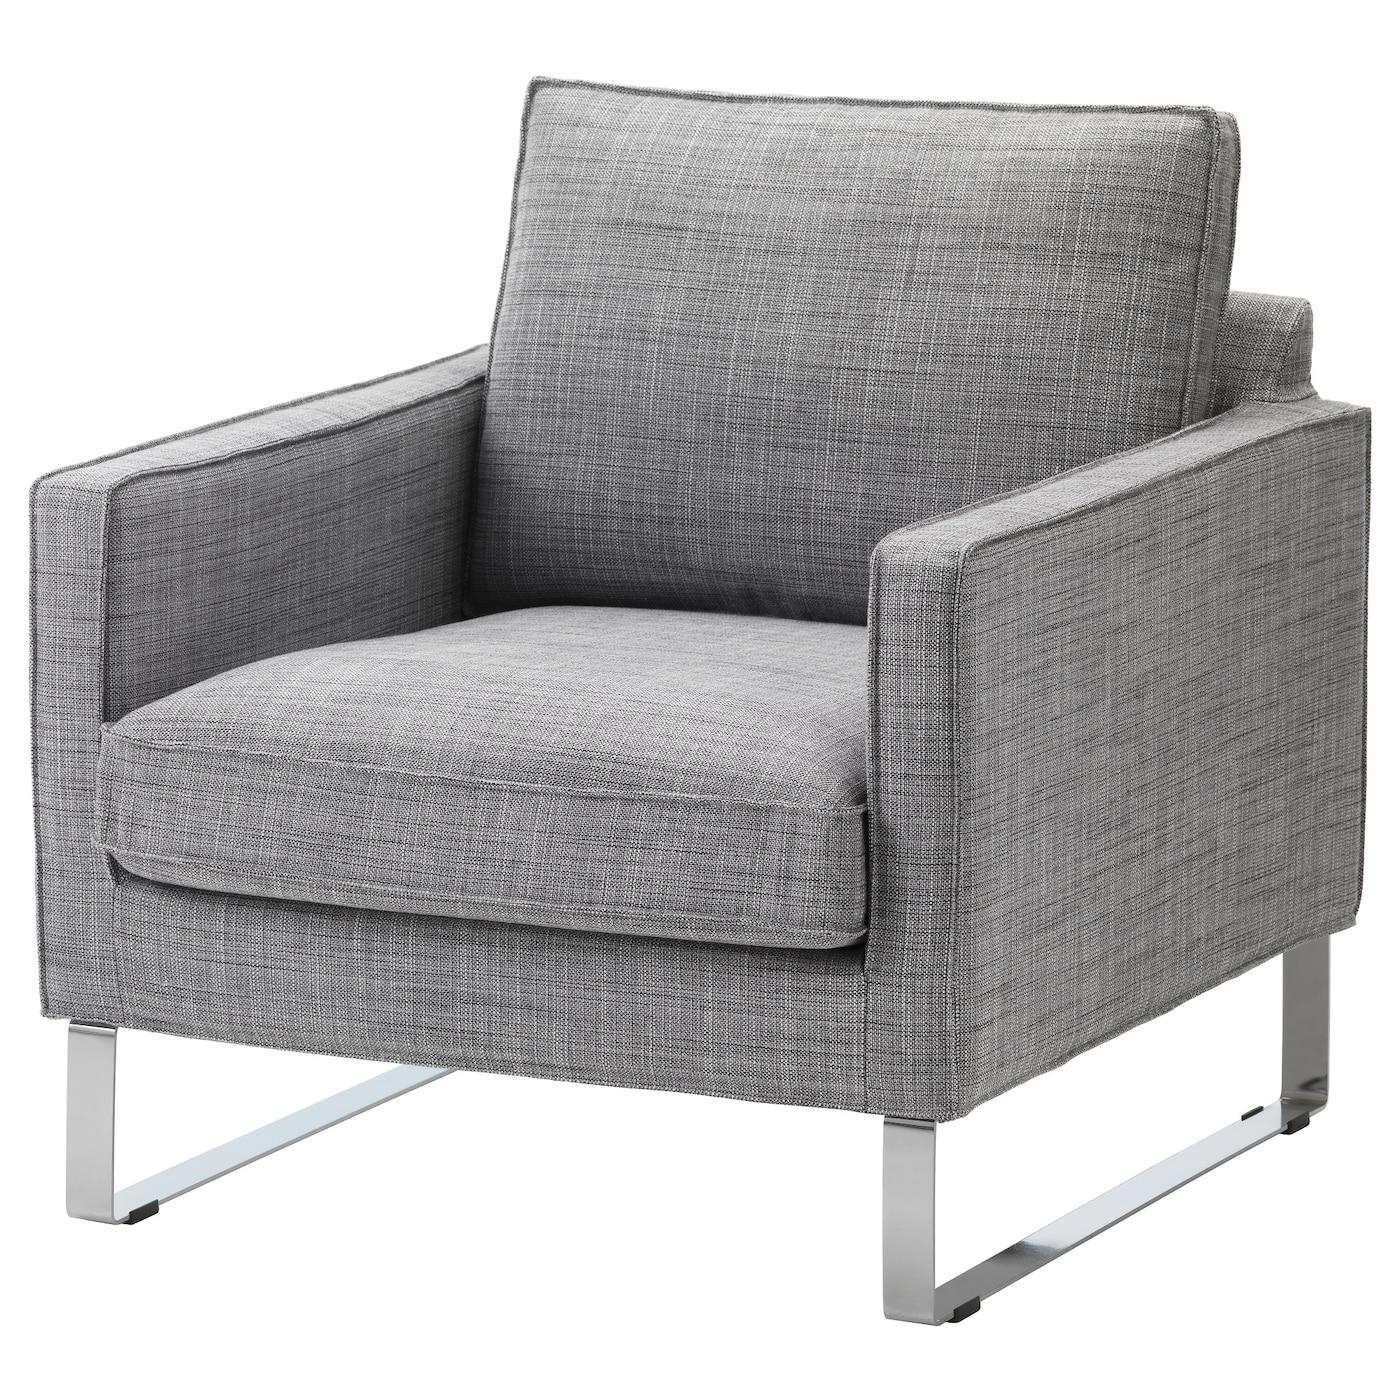 Mellby armchair cover isunda grey ikea - Fauteuil mellby ikea ...